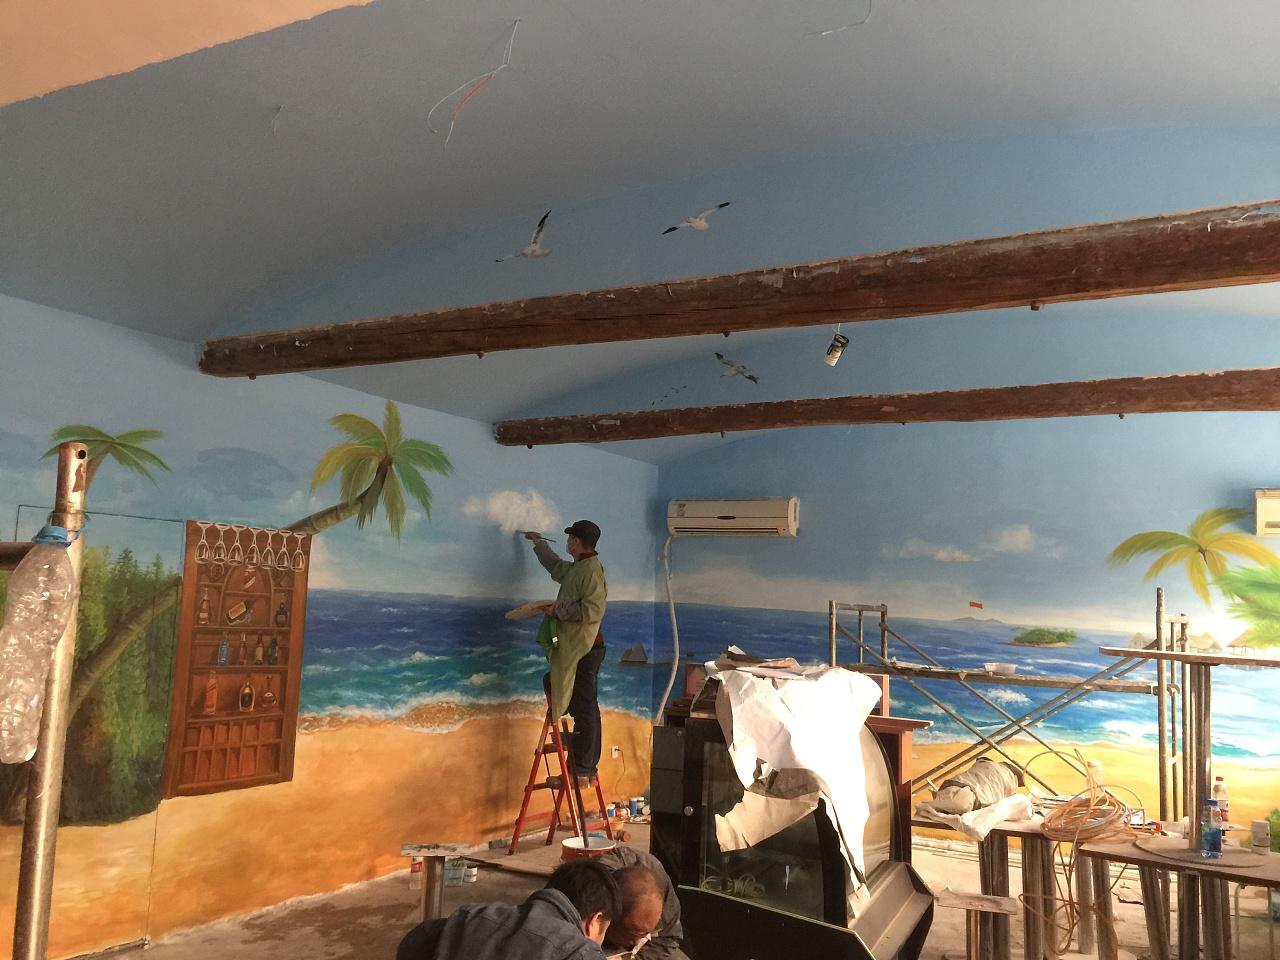 南昌墙体广告喷绘,南昌户外墙体喷绘,南昌幼儿园外墙绘画,南昌美丽乡村墙画手绘